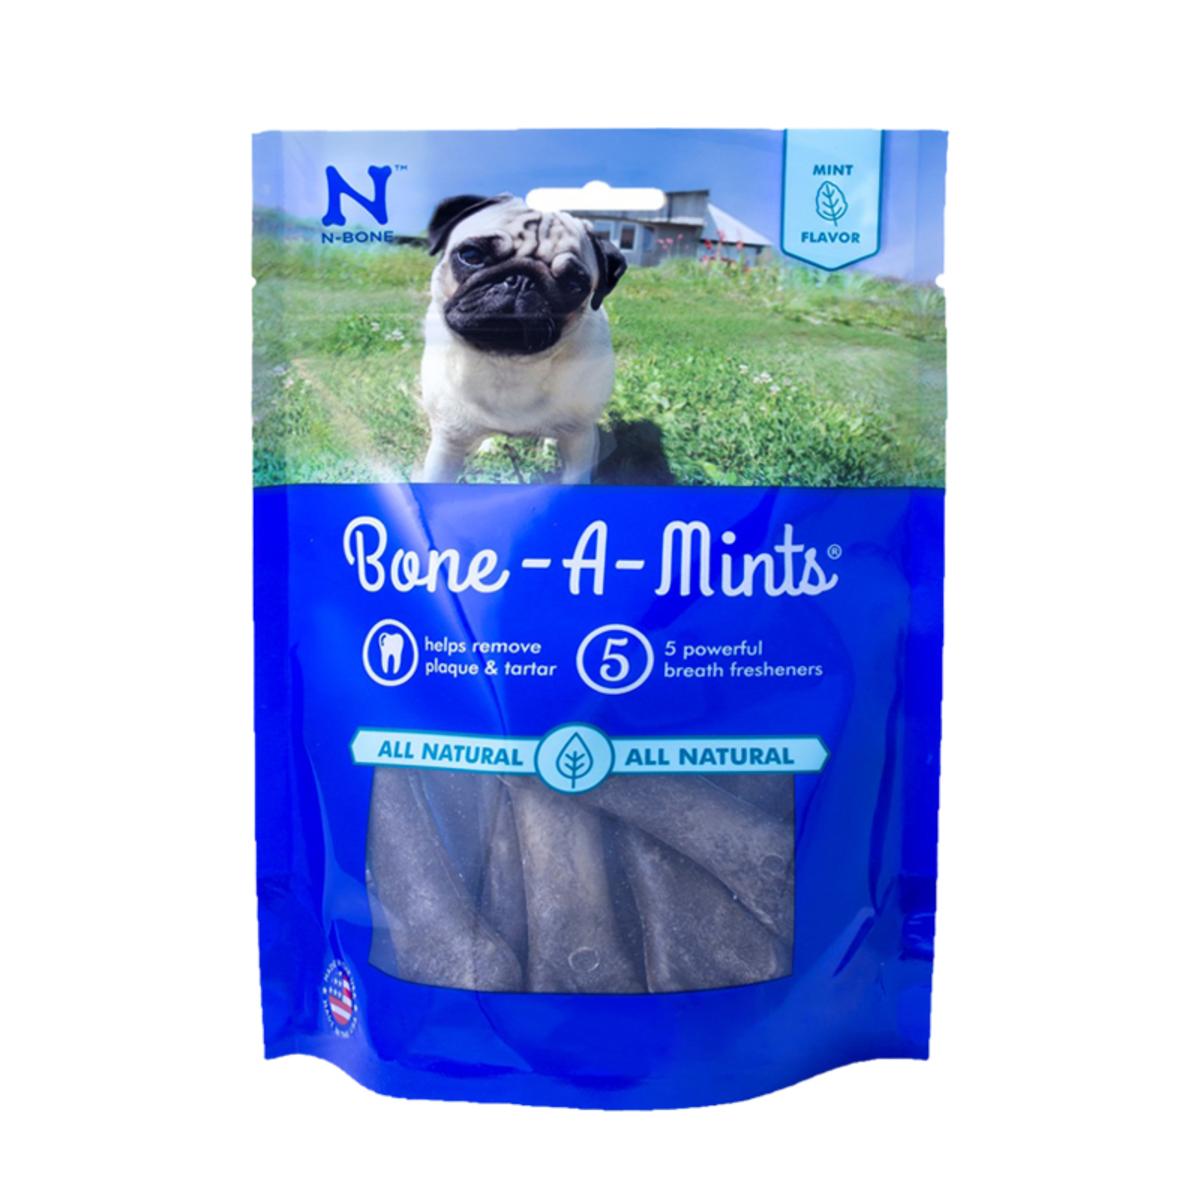 N-Bone Bone-A-Mints(S)